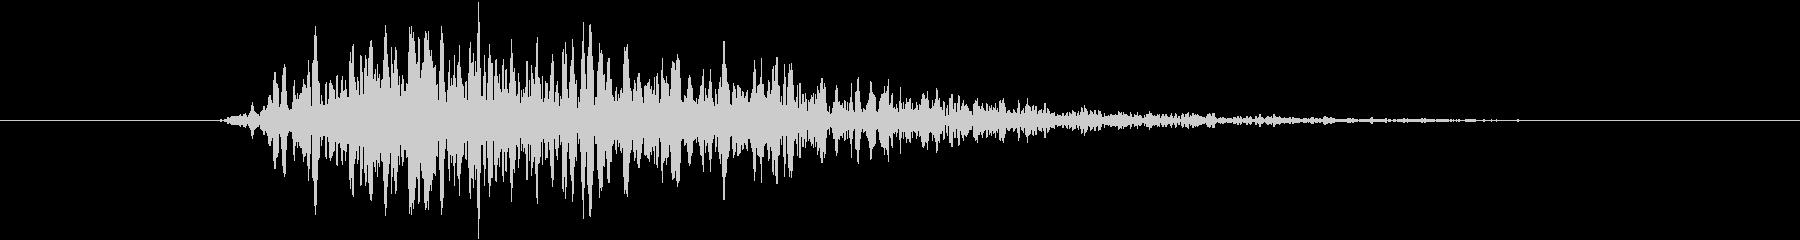 トランジション プッシュ22の未再生の波形